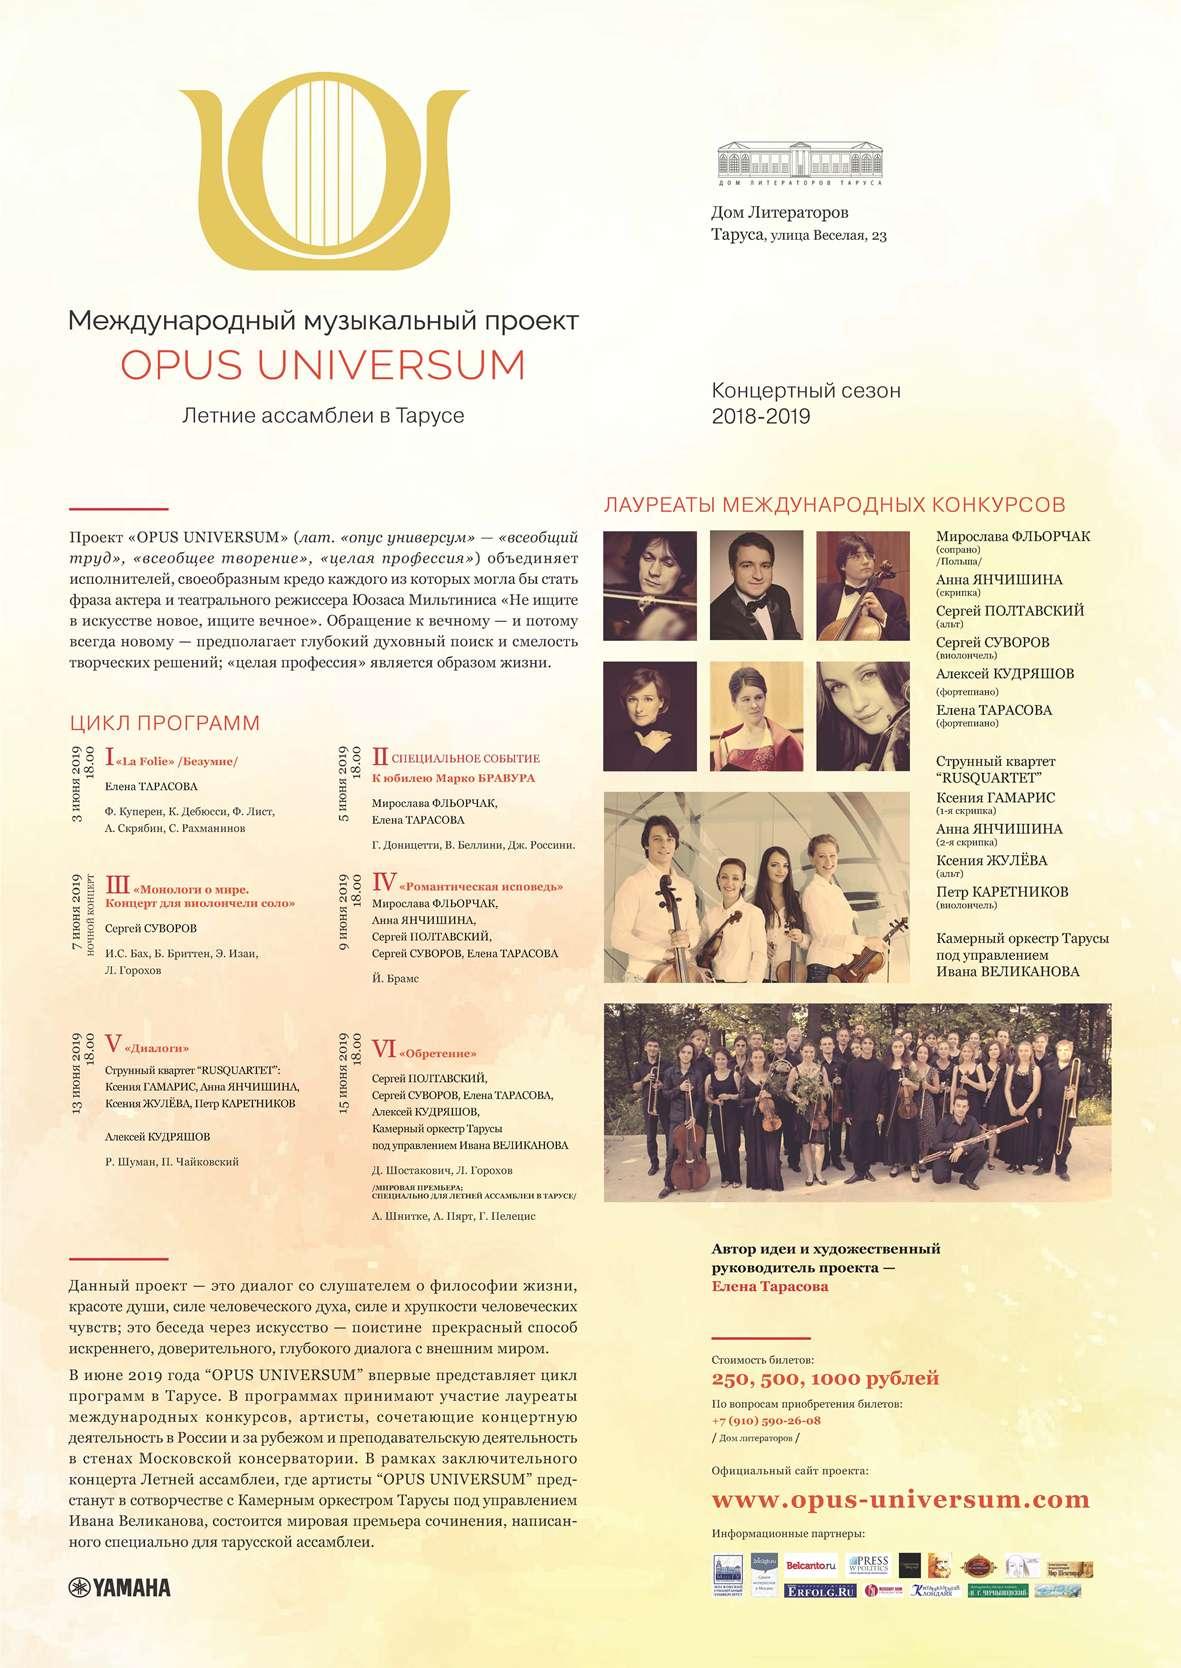 Летние ассамблеи Международного музыкального проекта OPUS UNIVERSUM в Тарусе